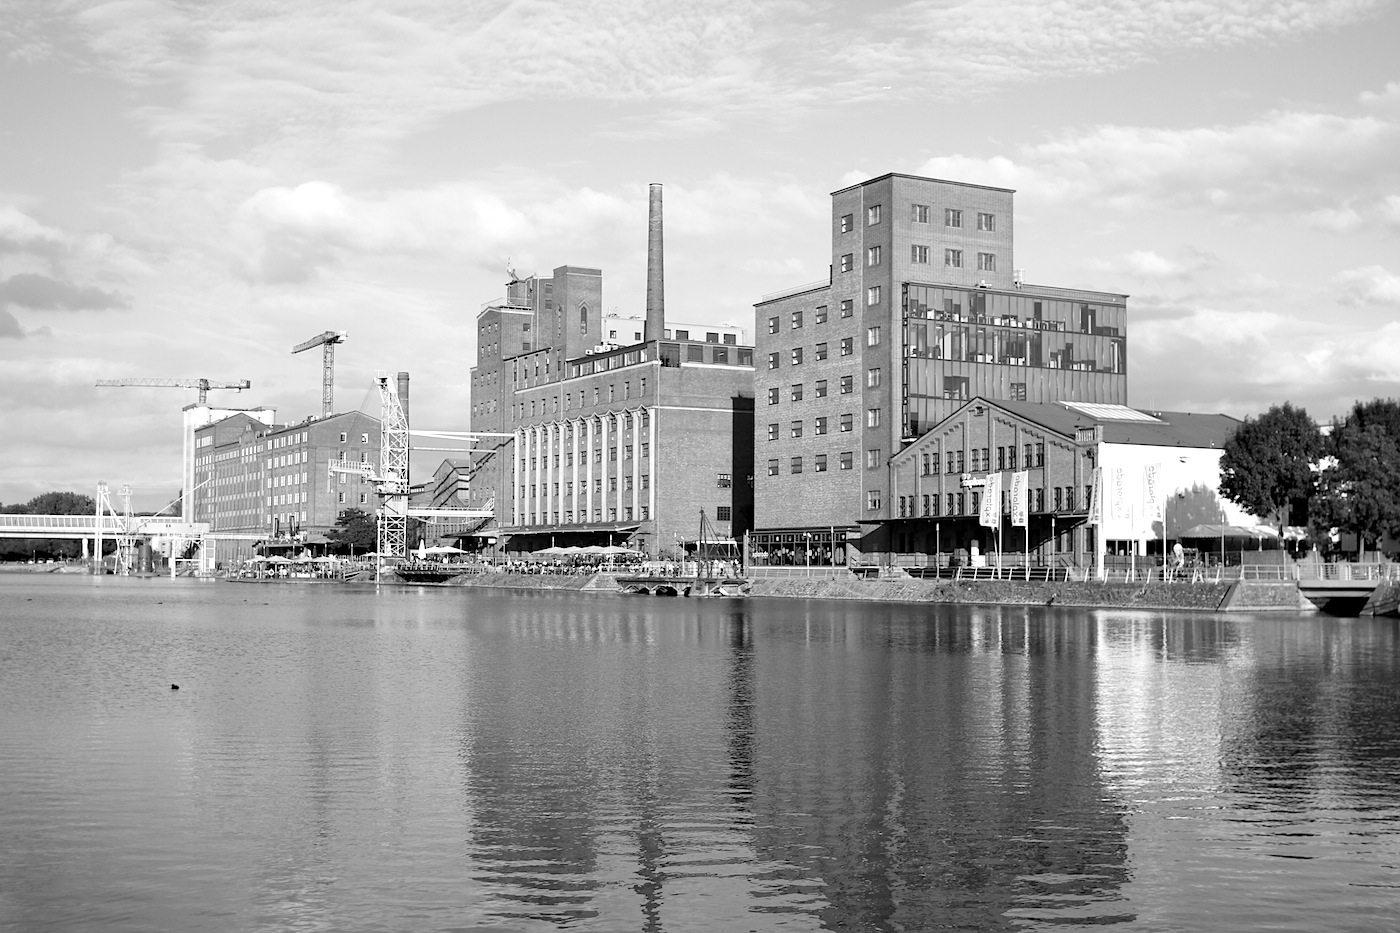 Innenhafen Duisburg. Das ehemalige Zentrum des deutschen Getreidehandels mit den alten Mühlenwerken und den frischen Glanz-Glas-Bauten ist ein Neo-Hafen und ein Stück Gegen-Duisburg. Anders als die vielen schlechten Nachrichten über die Krisenstadt mit der hohen Verschuldung und Arbeitslosigkeit punktet der neue Innenhafen mit kulturellen und architektonischen Attraktionen.